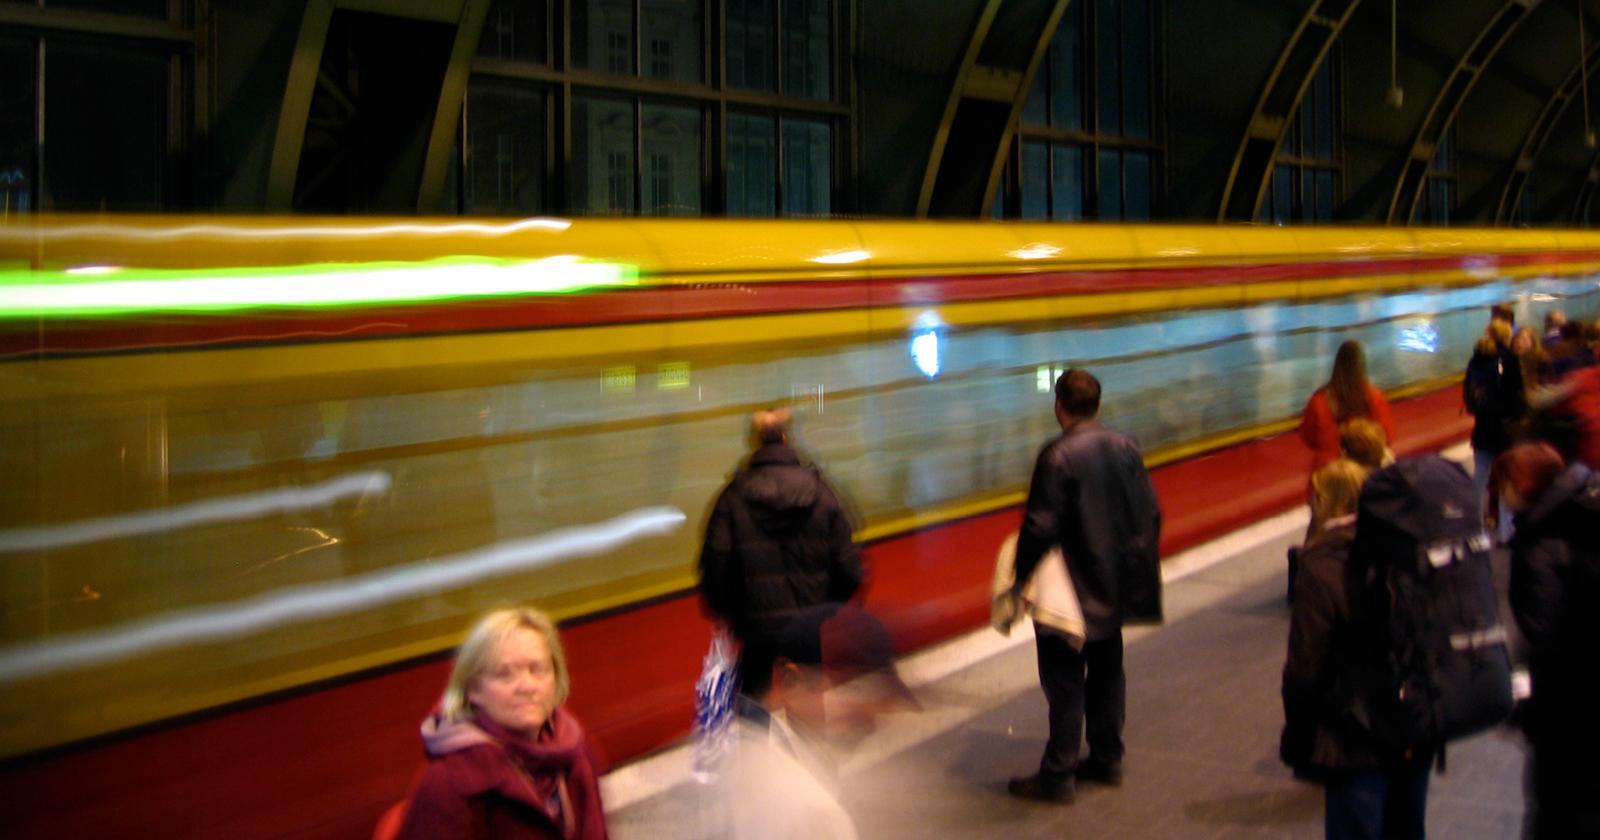 frissewind-foto-reportage10-vervoer